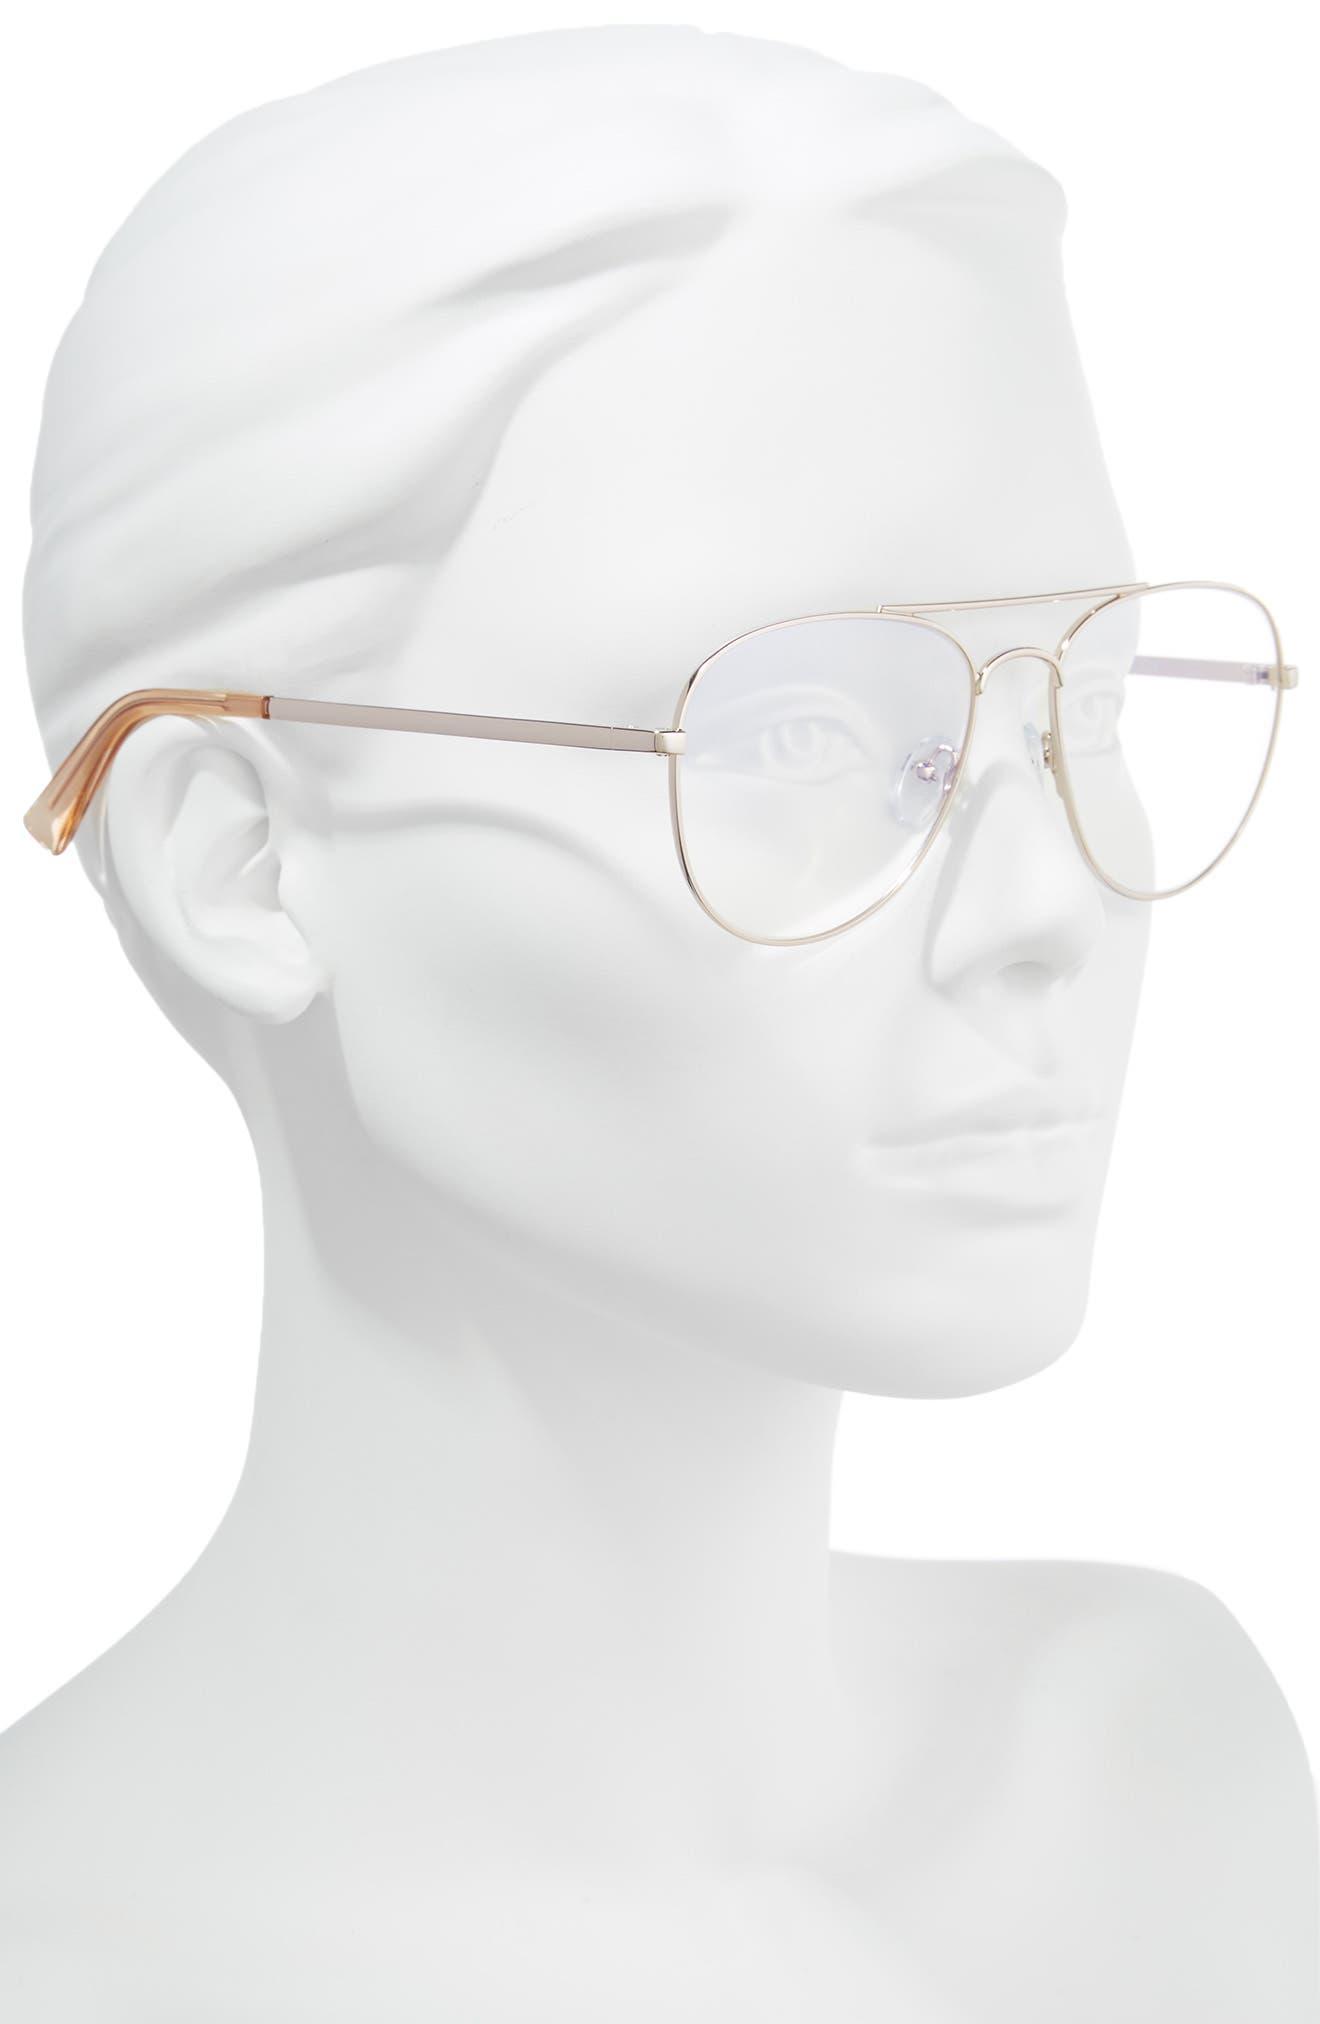 Hard Crimes 55mm Aviator Reading Glasses,                             Alternate thumbnail 2, color,                             ROSE GOLD